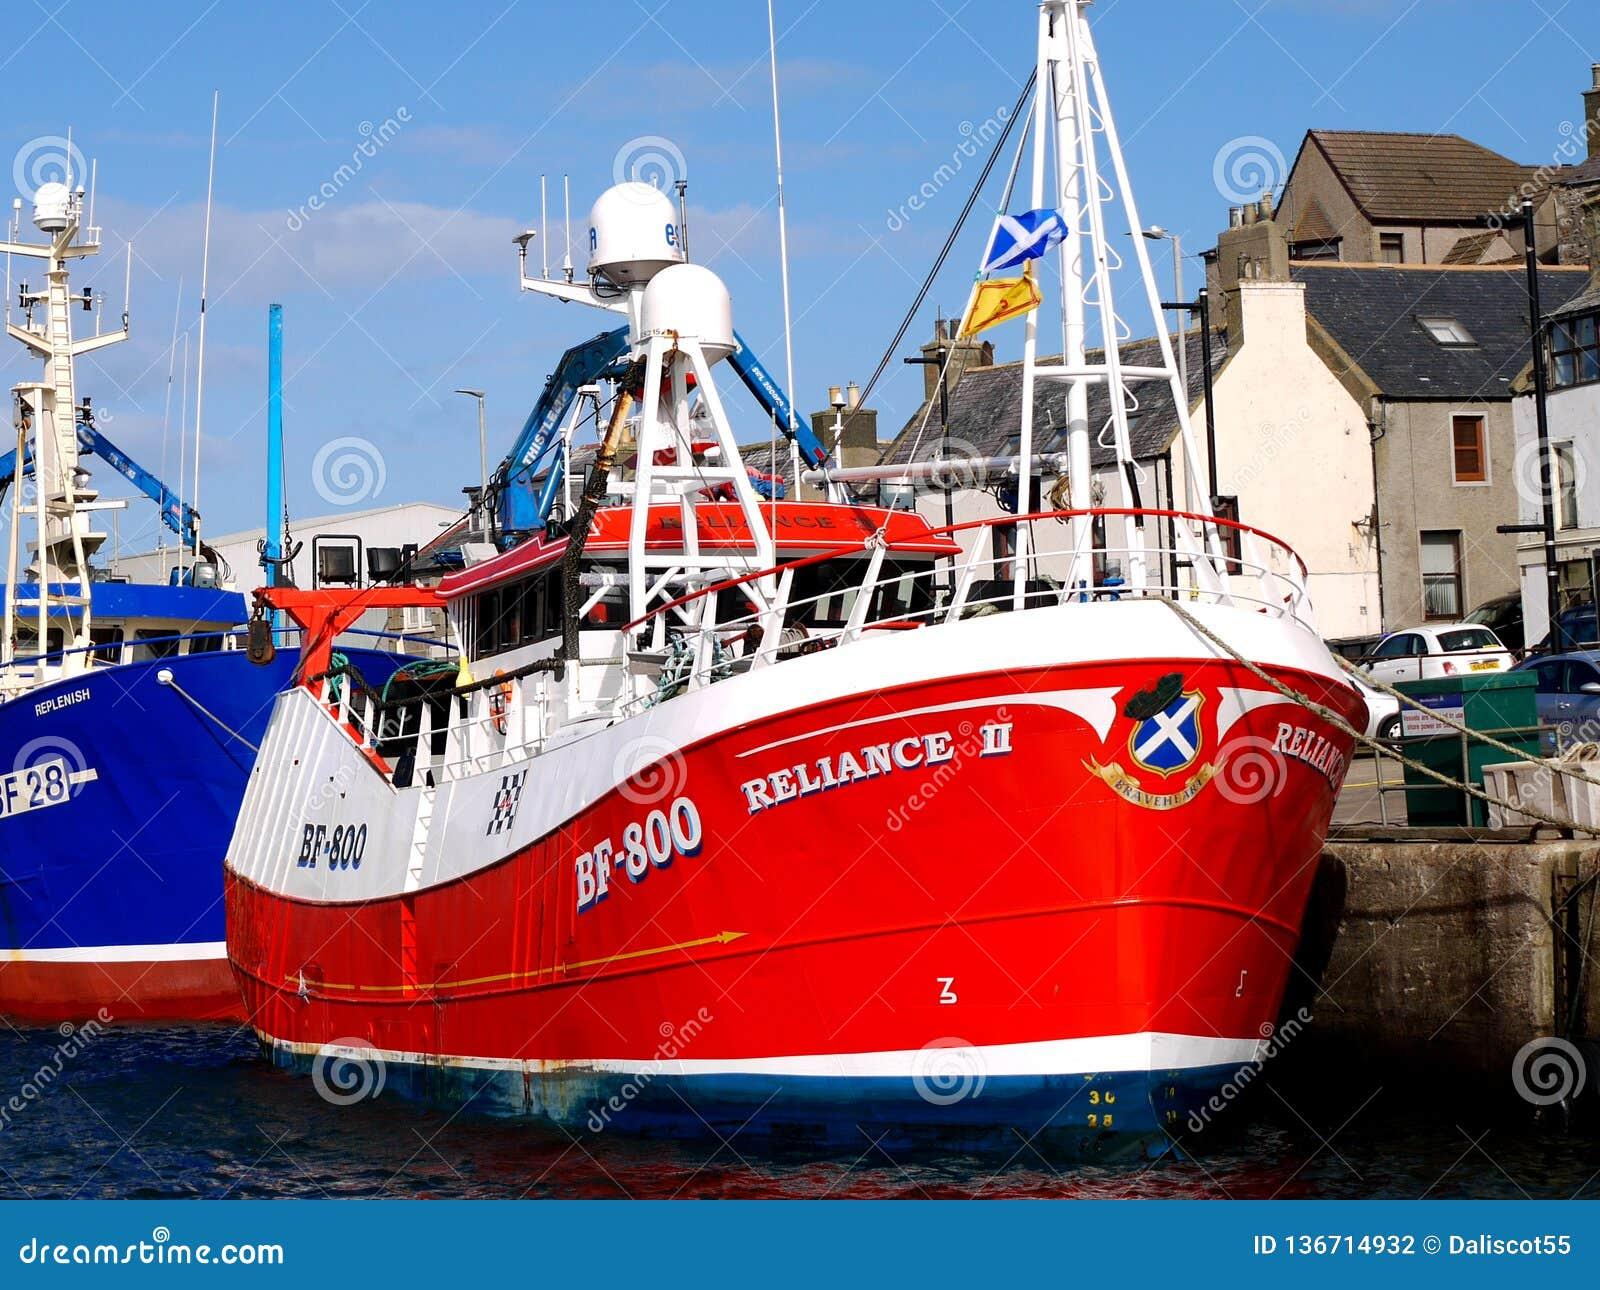 Εμπιστοσύνη ΙΙ BF800 αλιευτικών σκαφών